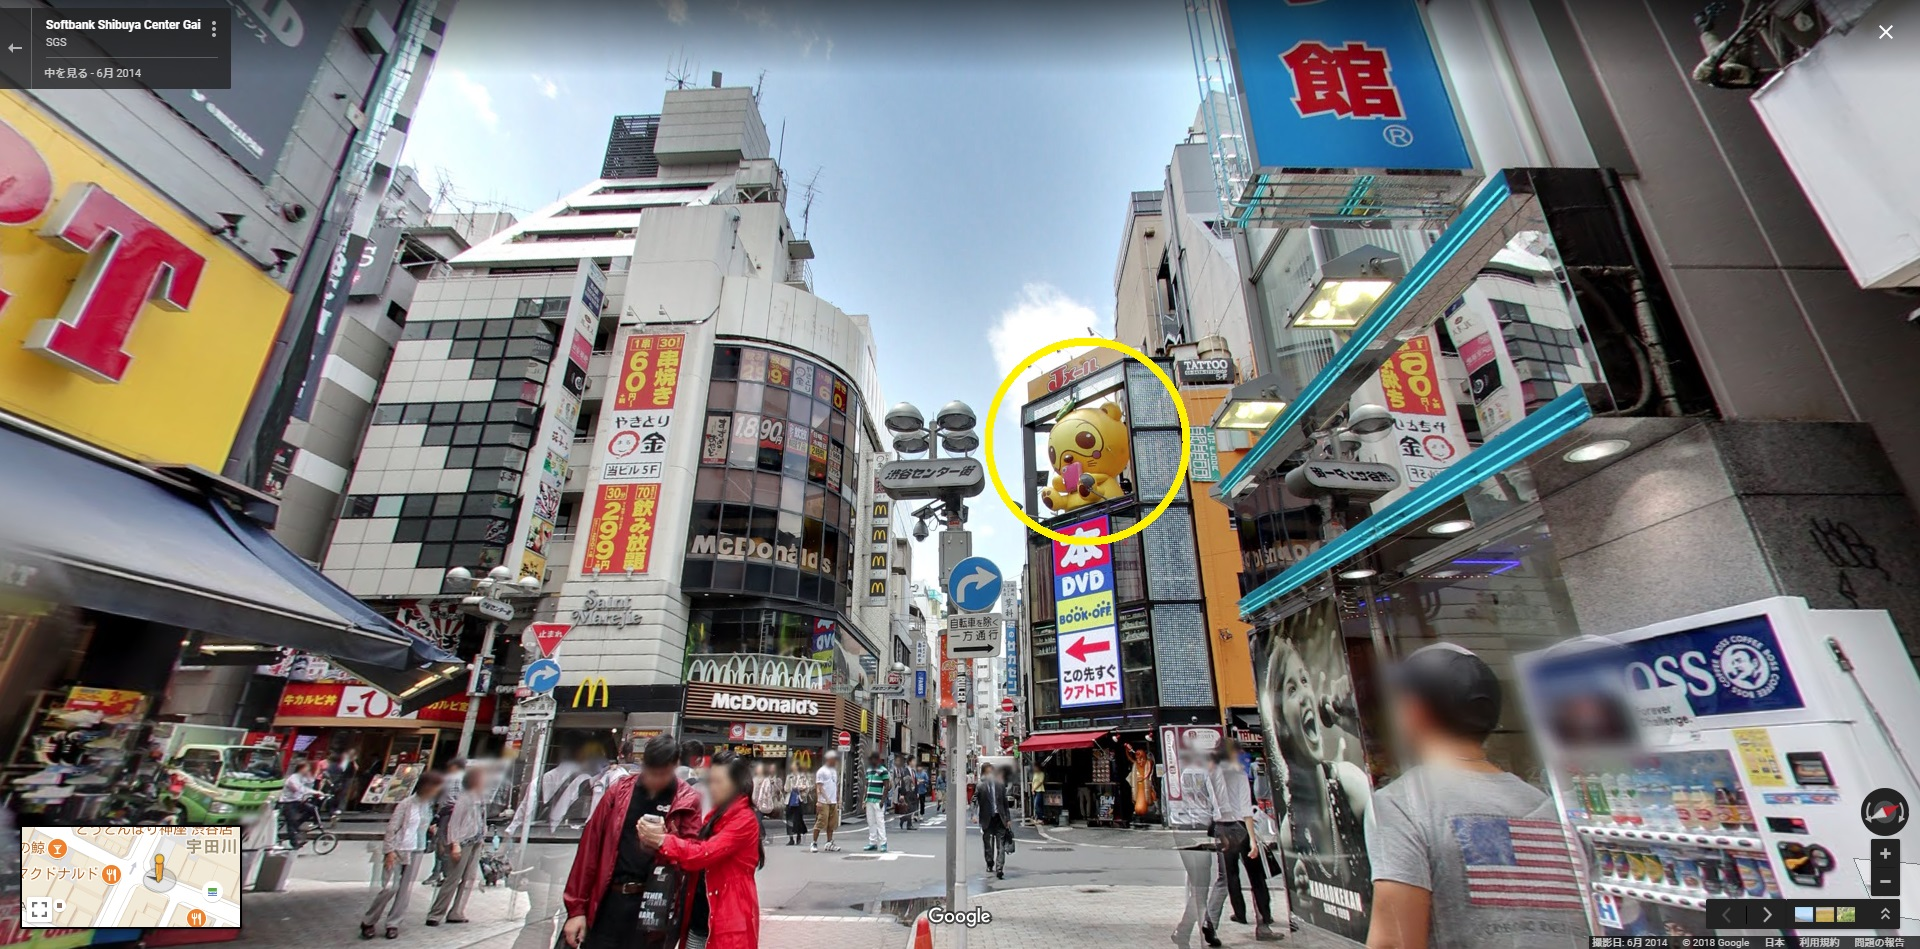 東京渋谷のJメールの広告看板